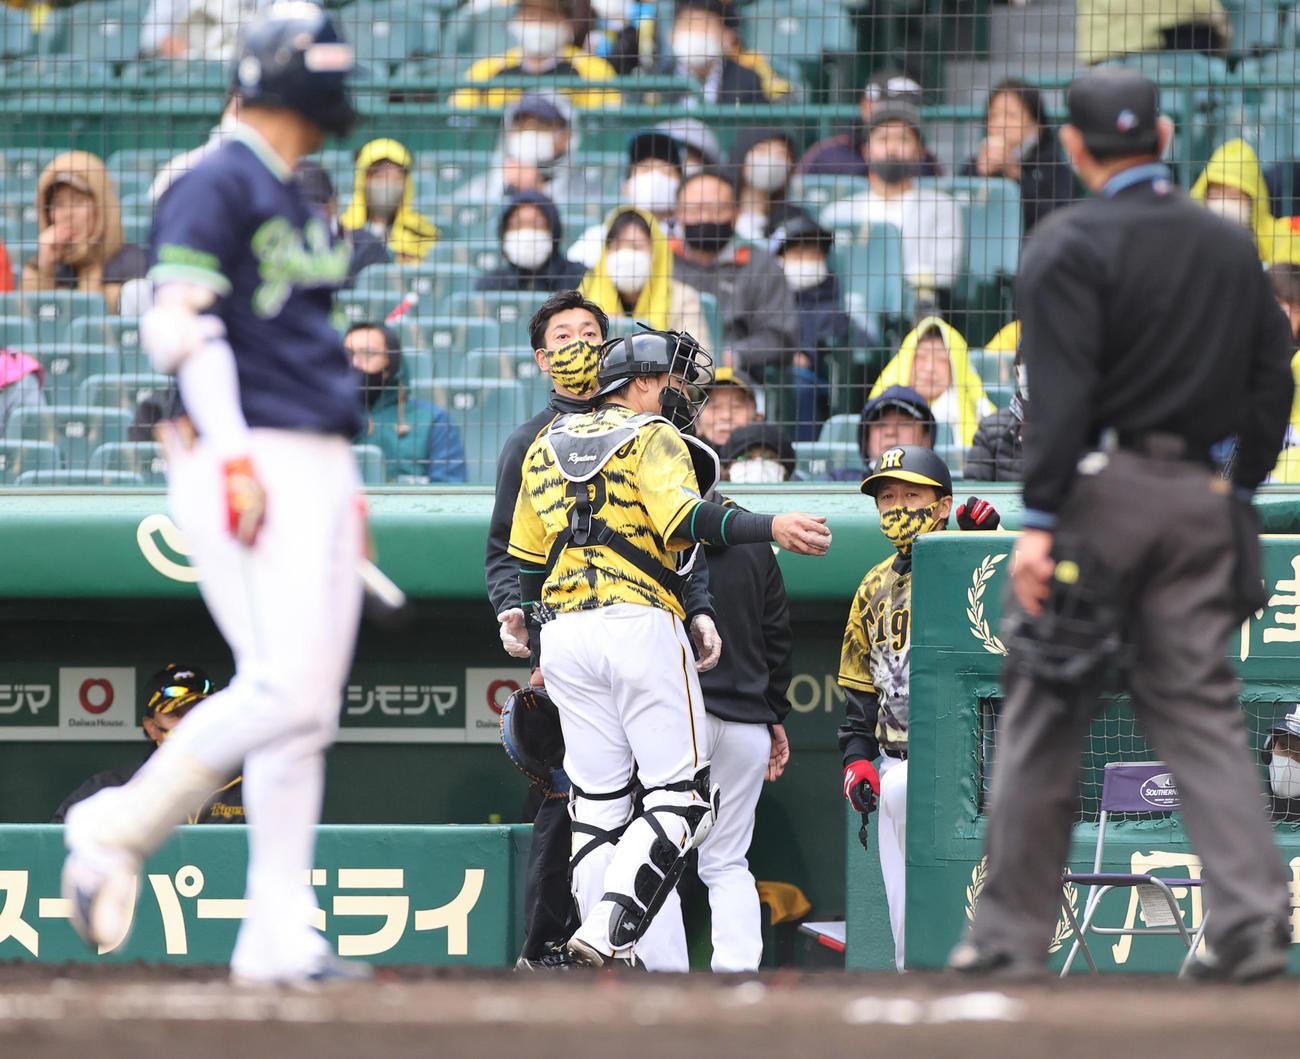 阪神対ヤクルト 7回表ヤクルト無死一塁、打者元山の時に石井大のワンバウンド投球を受けた時に負傷し交代となる捕手梅野(撮影・清水貴仁)